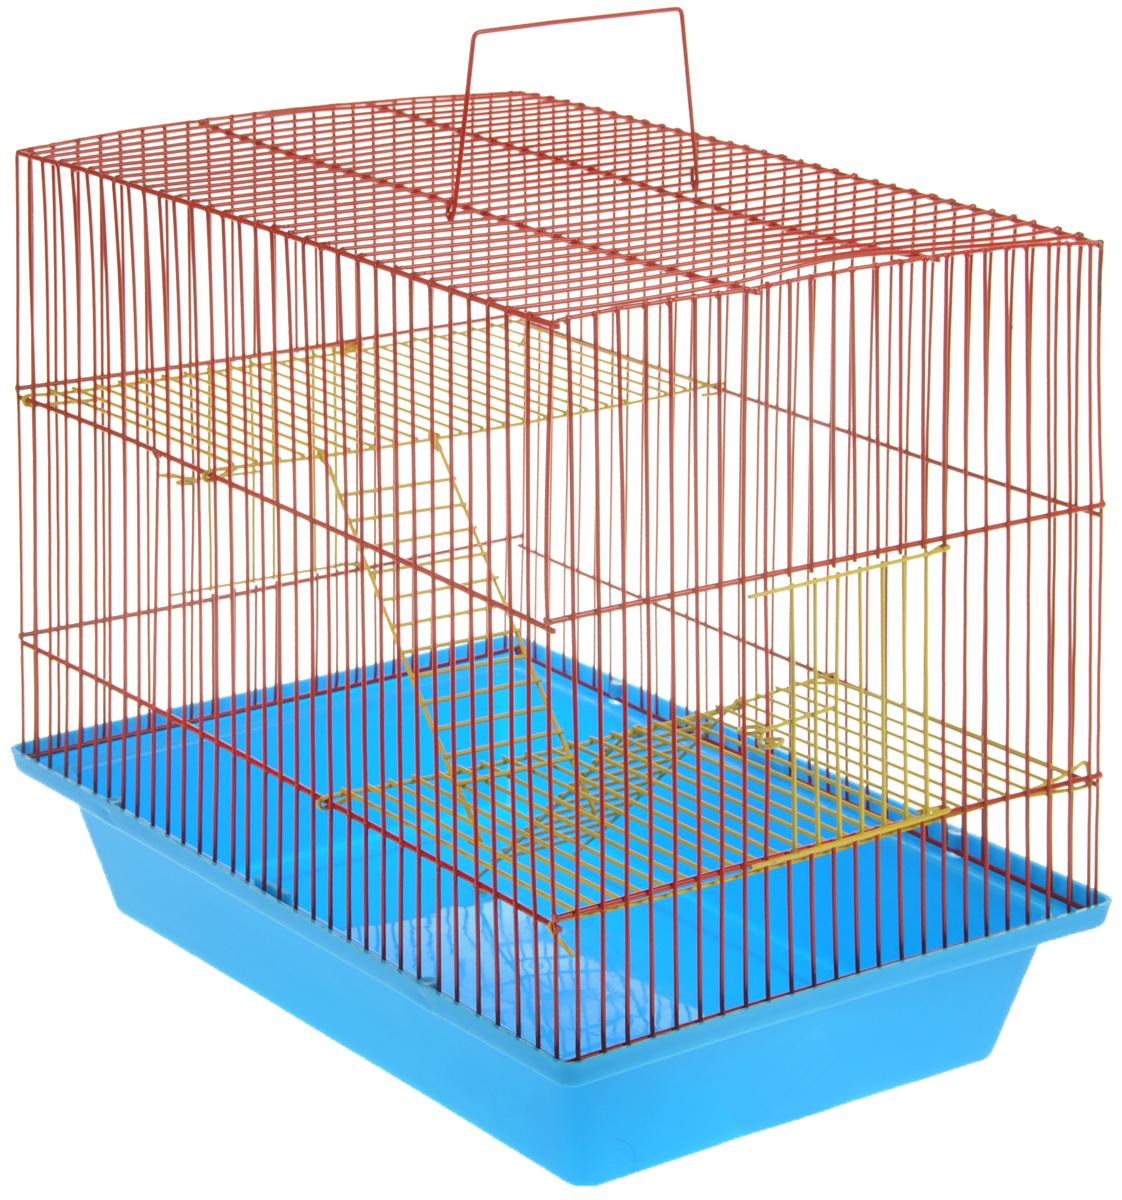 Клетка для грызунов ЗооМарк Гризли, 3-этажная, цвет: голубой поддон, красная решетка, желтые этажи, 41 х 30 х 36 см. 230ж230жСККлетка ЗооМарк Гризли, выполненная из полипропилена и металла, подходит для мелких грызунов. Изделие трехэтажное. Клетка имеет яркий поддон, удобна в использовании и легко чистится. Сверху имеется ручка для переноски. Такая клетка станет уединенным личным пространством и уютным домиком для маленького грызуна.